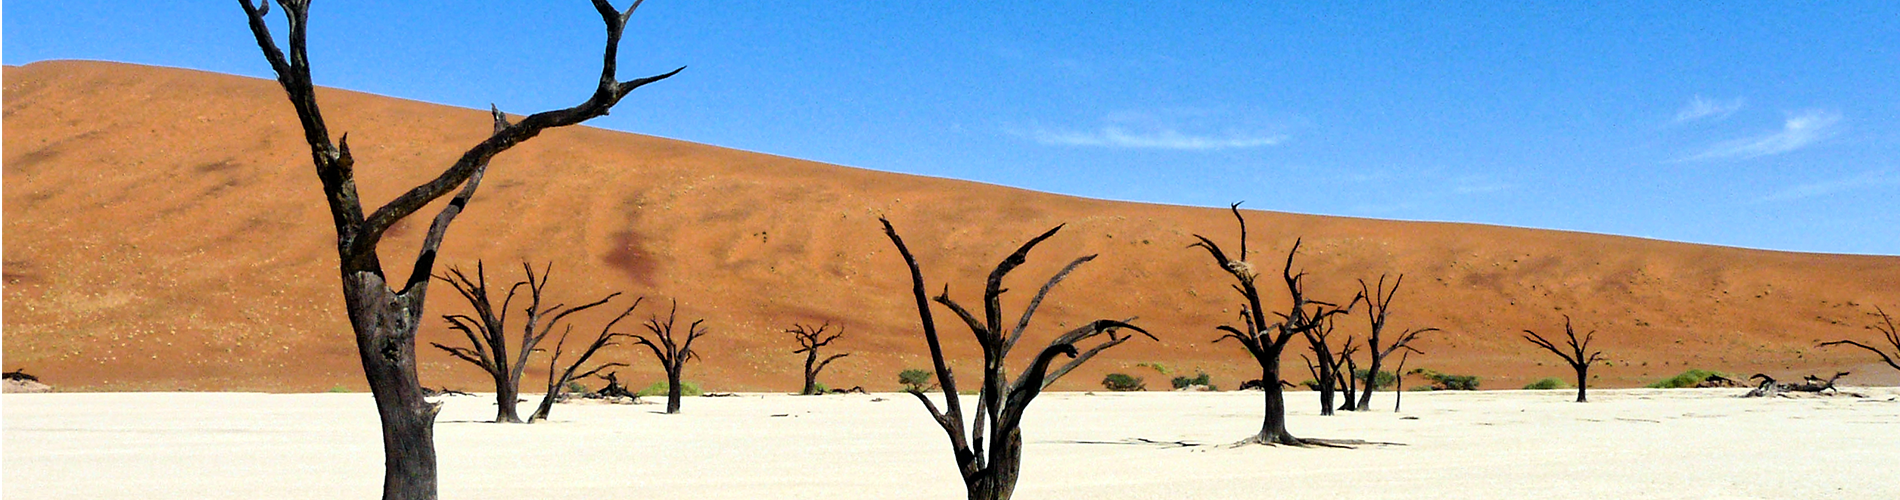 circuit dans le bush de la namibie en 4x4 avec un guide francophone